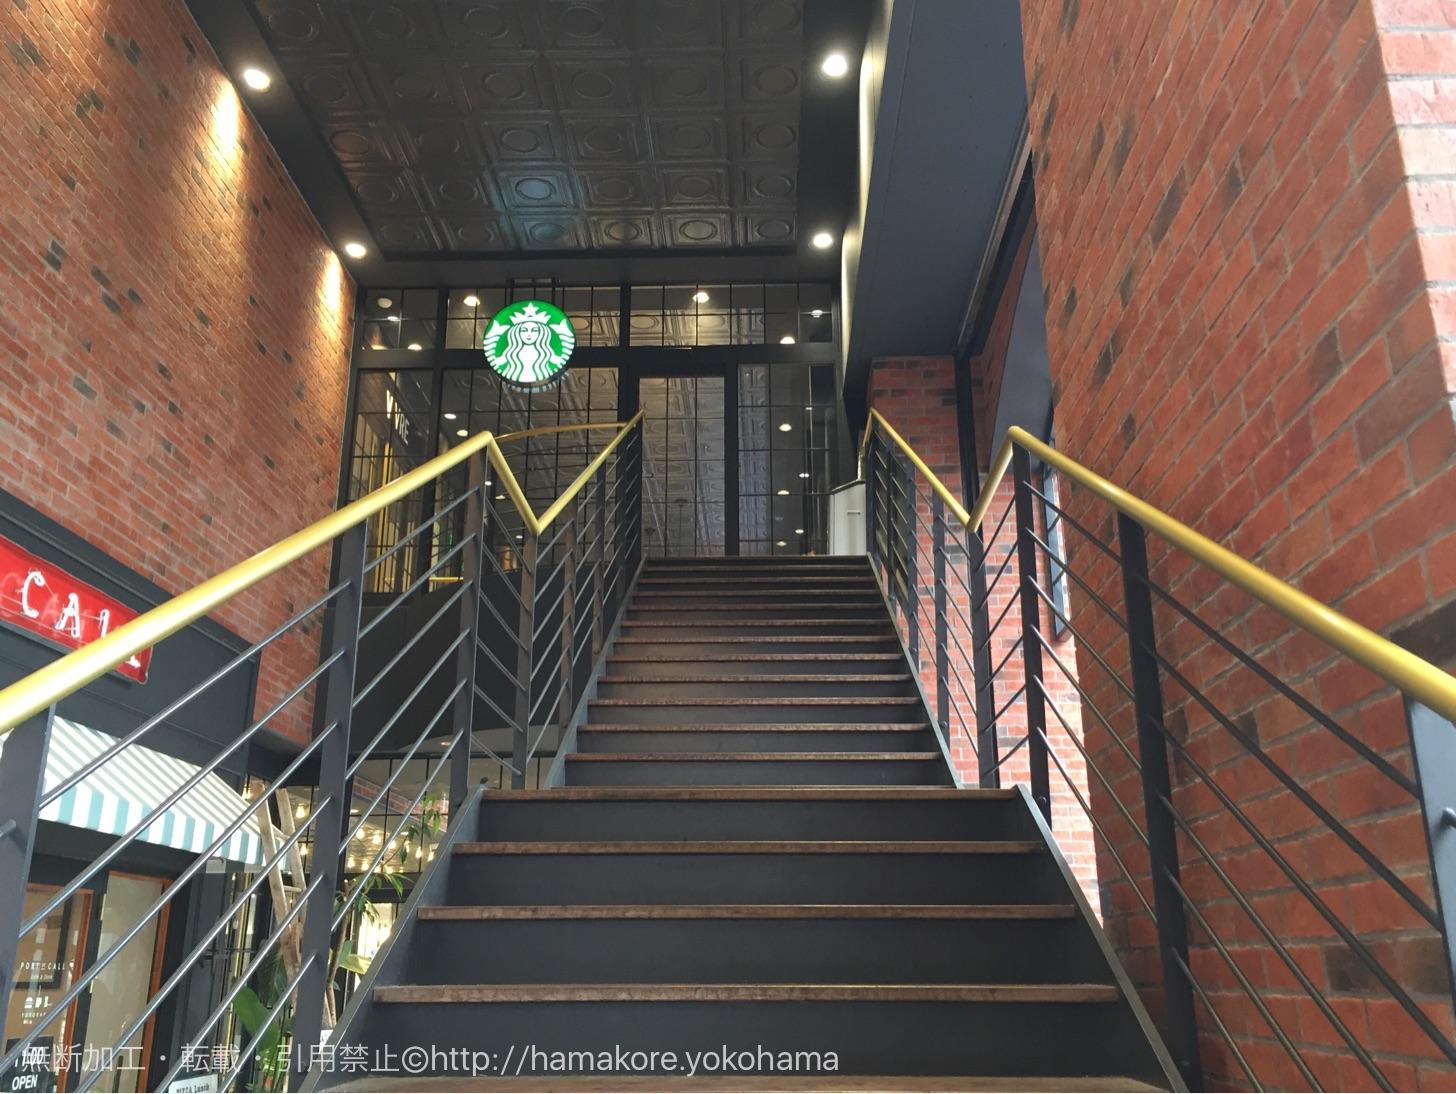 スターバックス 横浜ビブレ店 入り口階段